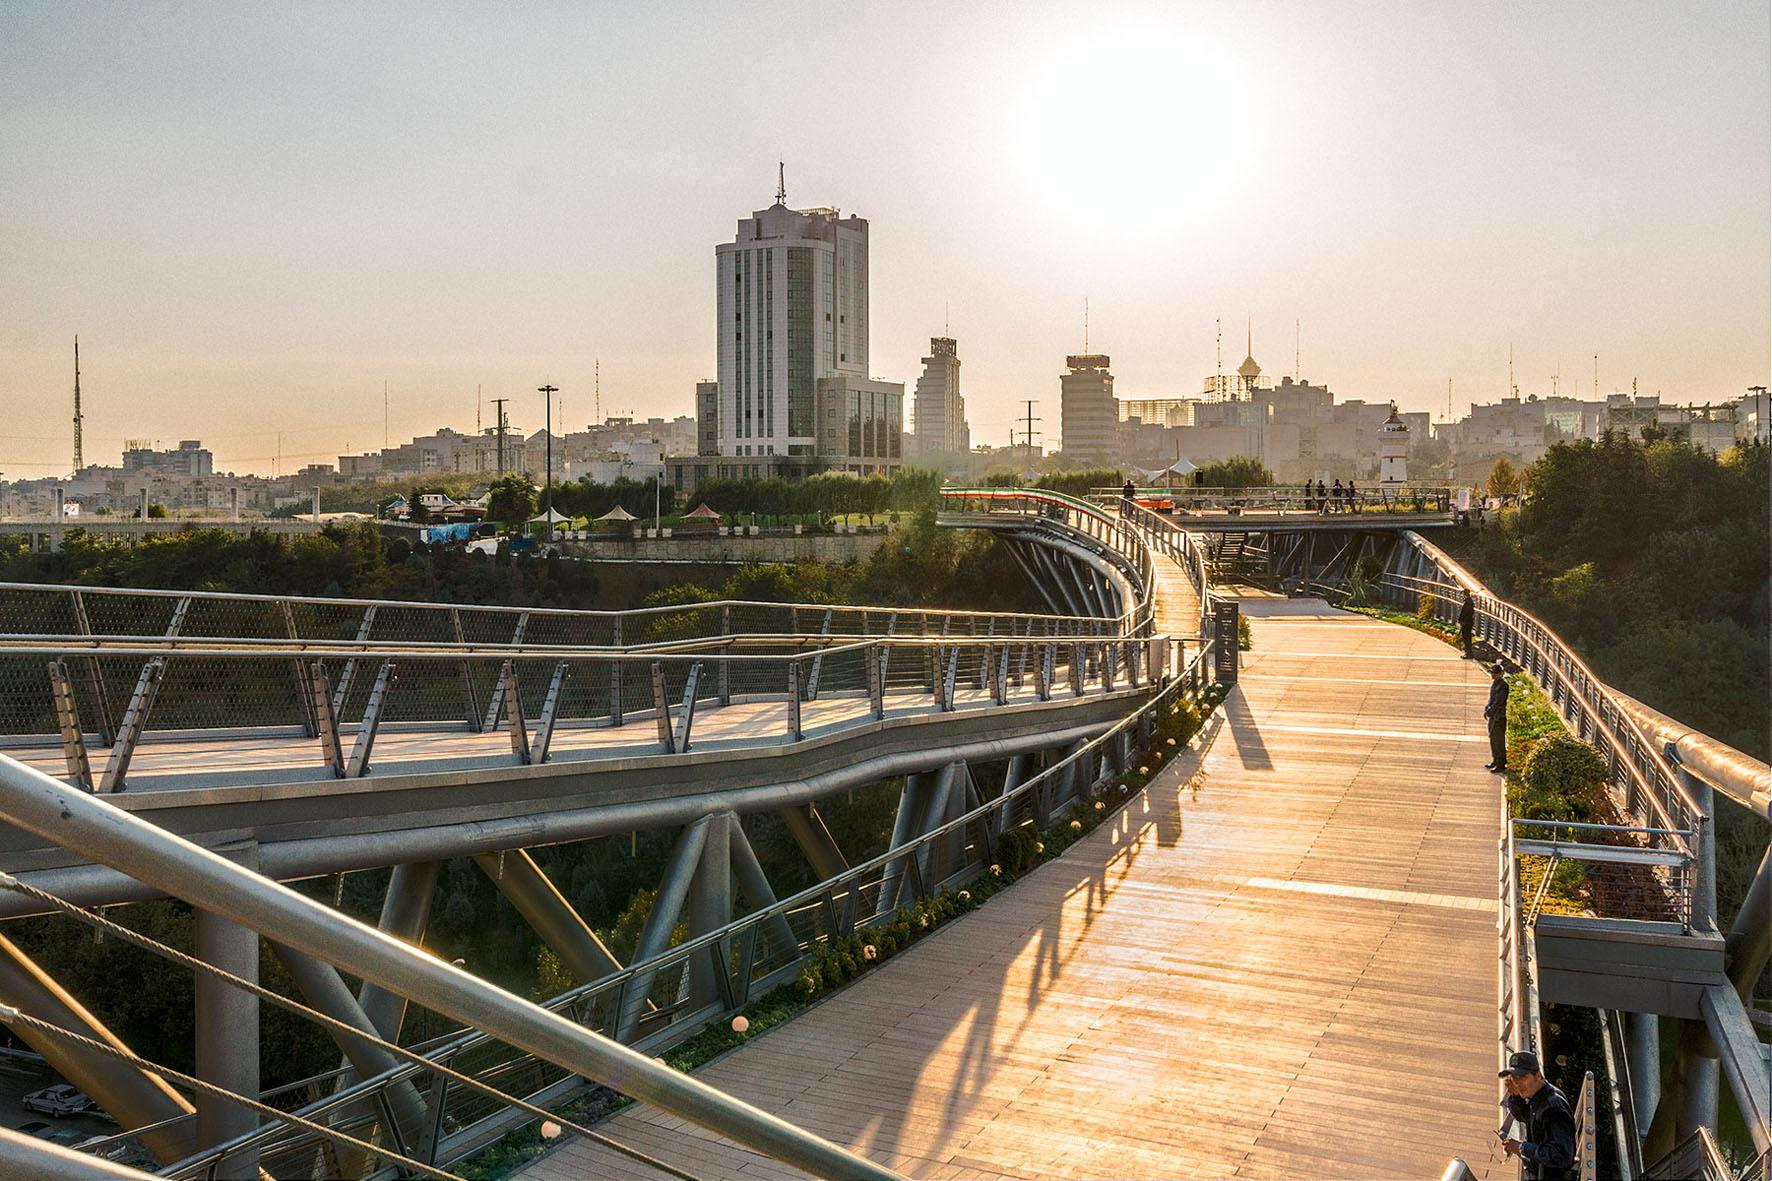 مسابقه معماری,معماری,parsacad,parsacad.com,پارساکد,لیلا عراقیان طراح پل طبیعت تهران,